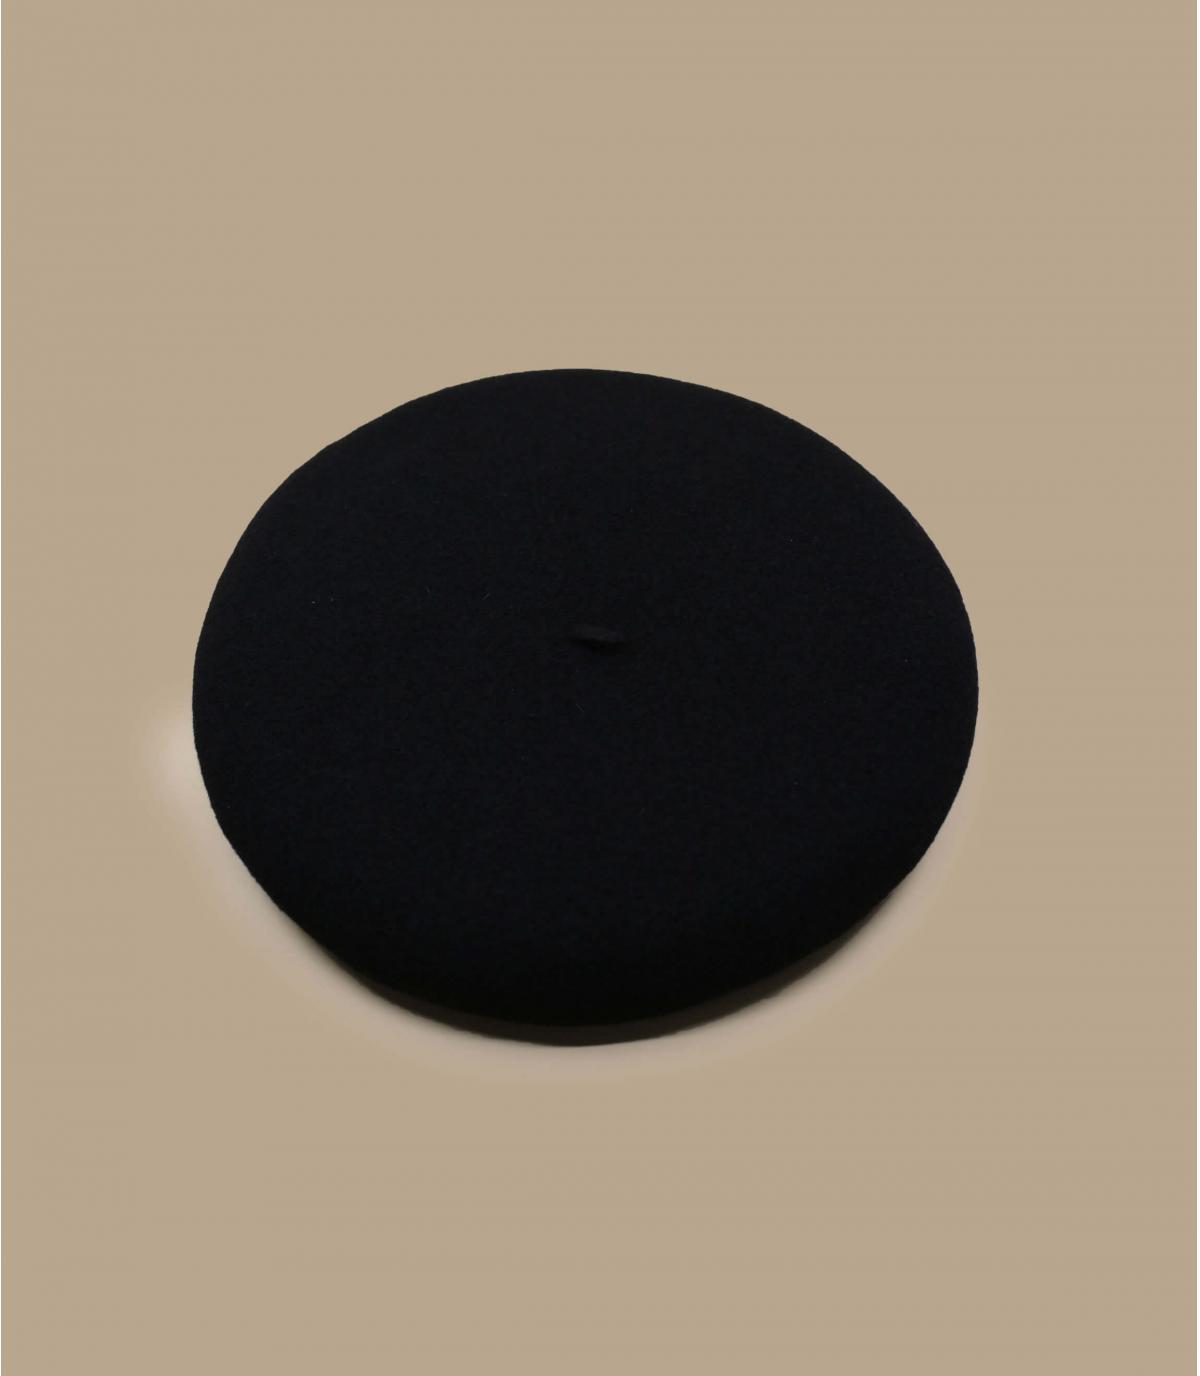 Détails Beret vrai basque noir - image 2